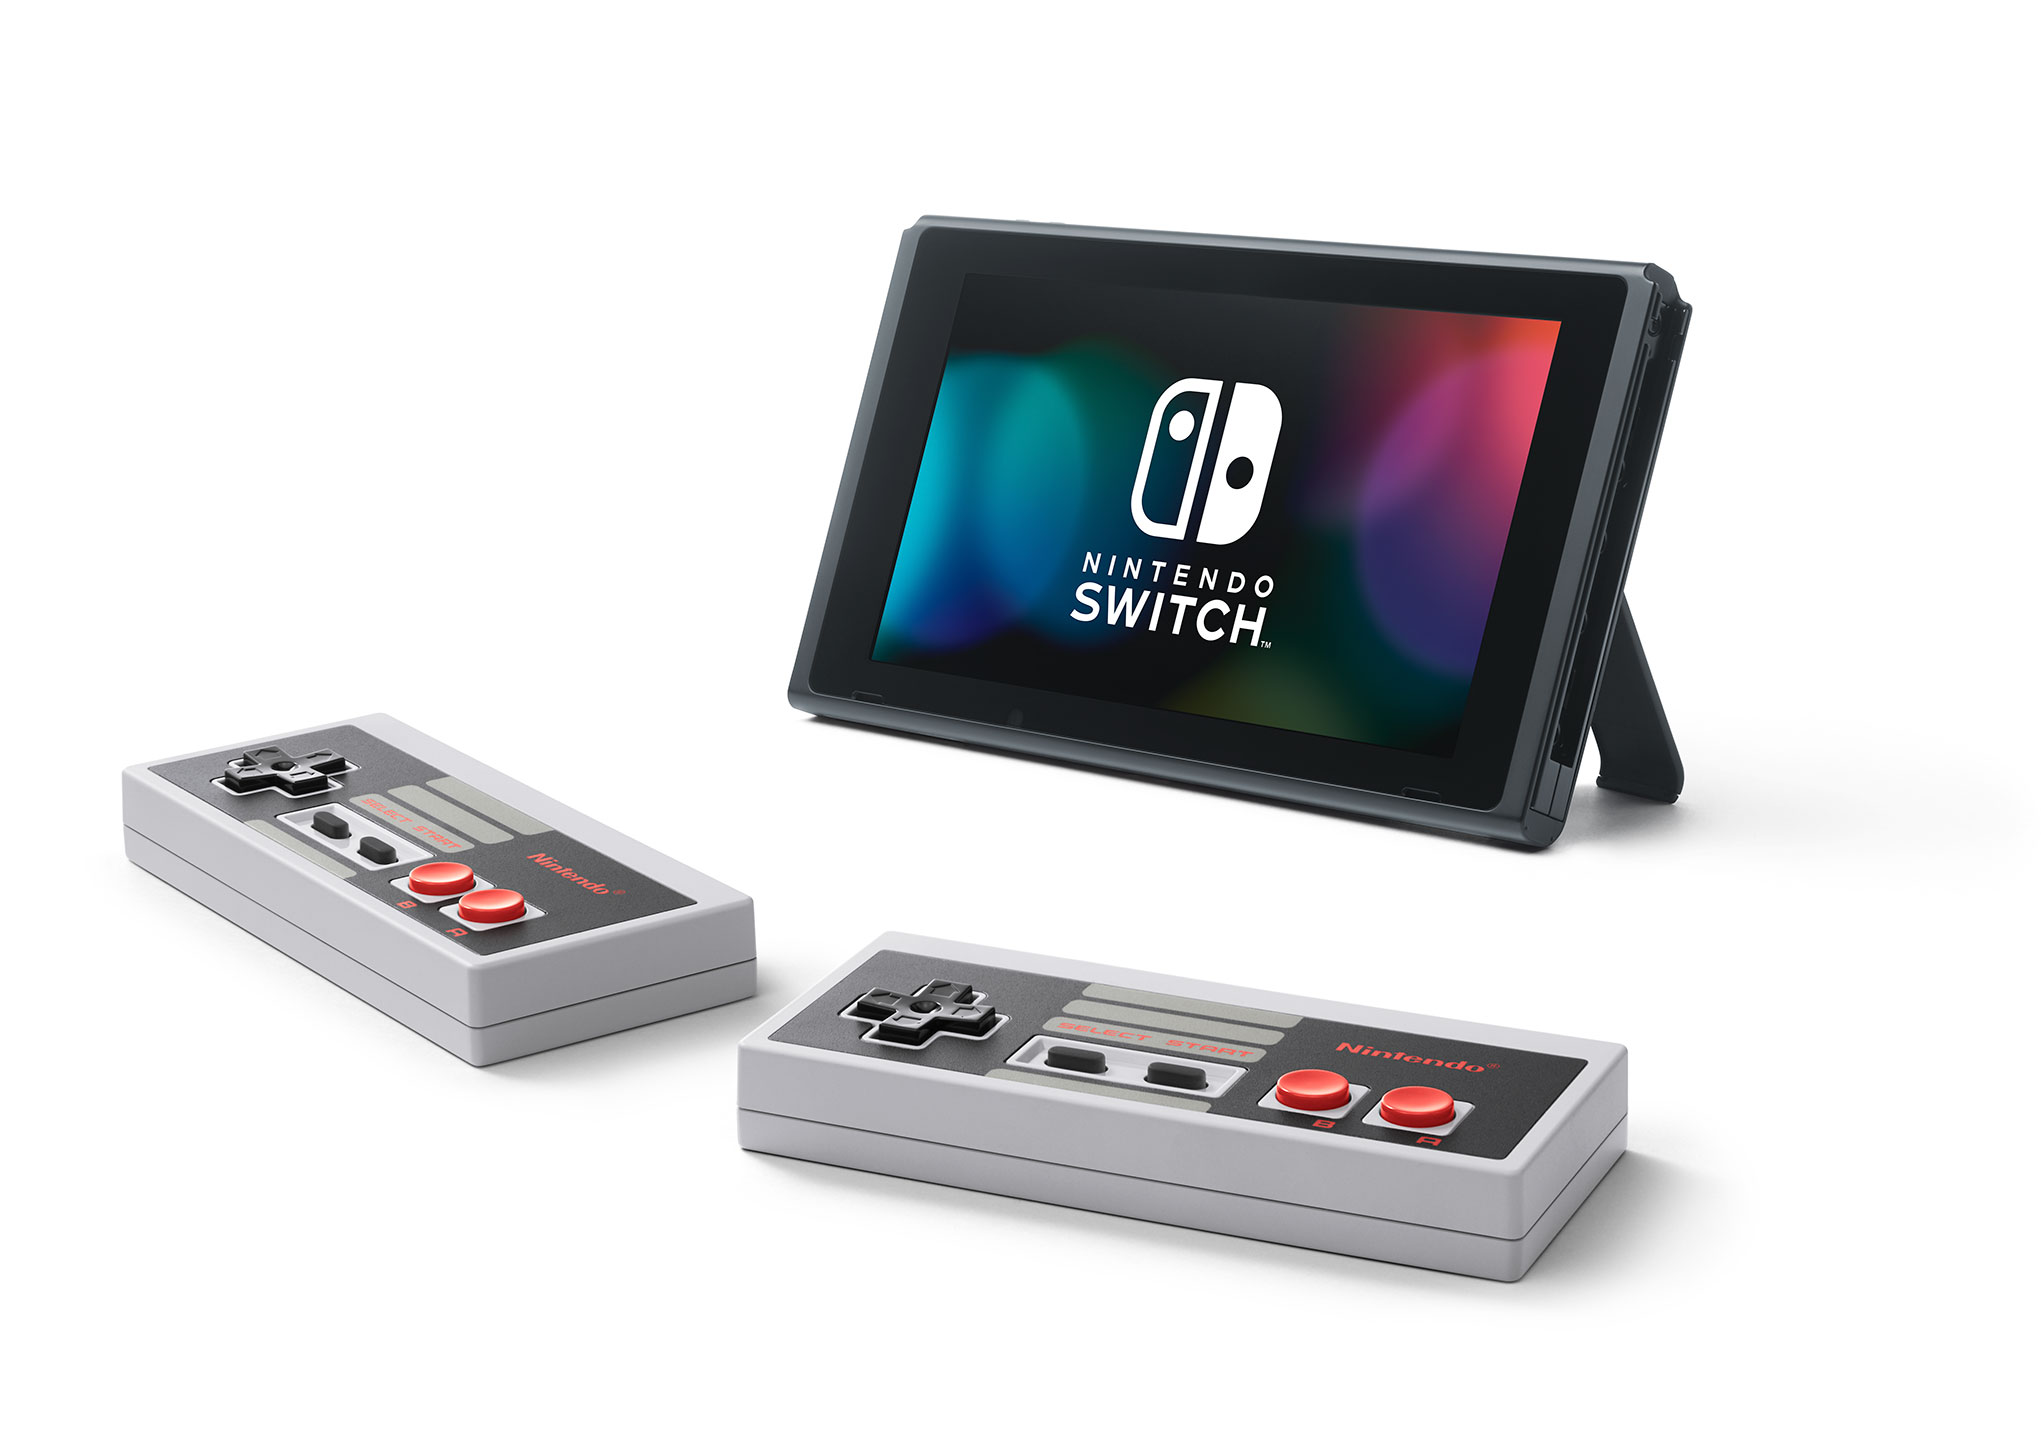 Wer die Klassiker besonders authentisch erleben will, besorgt sich stilechte Wireless-Controller im NES-Design. Die werden zum Aufladen wie Joy-Cons links beziehungsweise rechts an die Switch gesteckt.